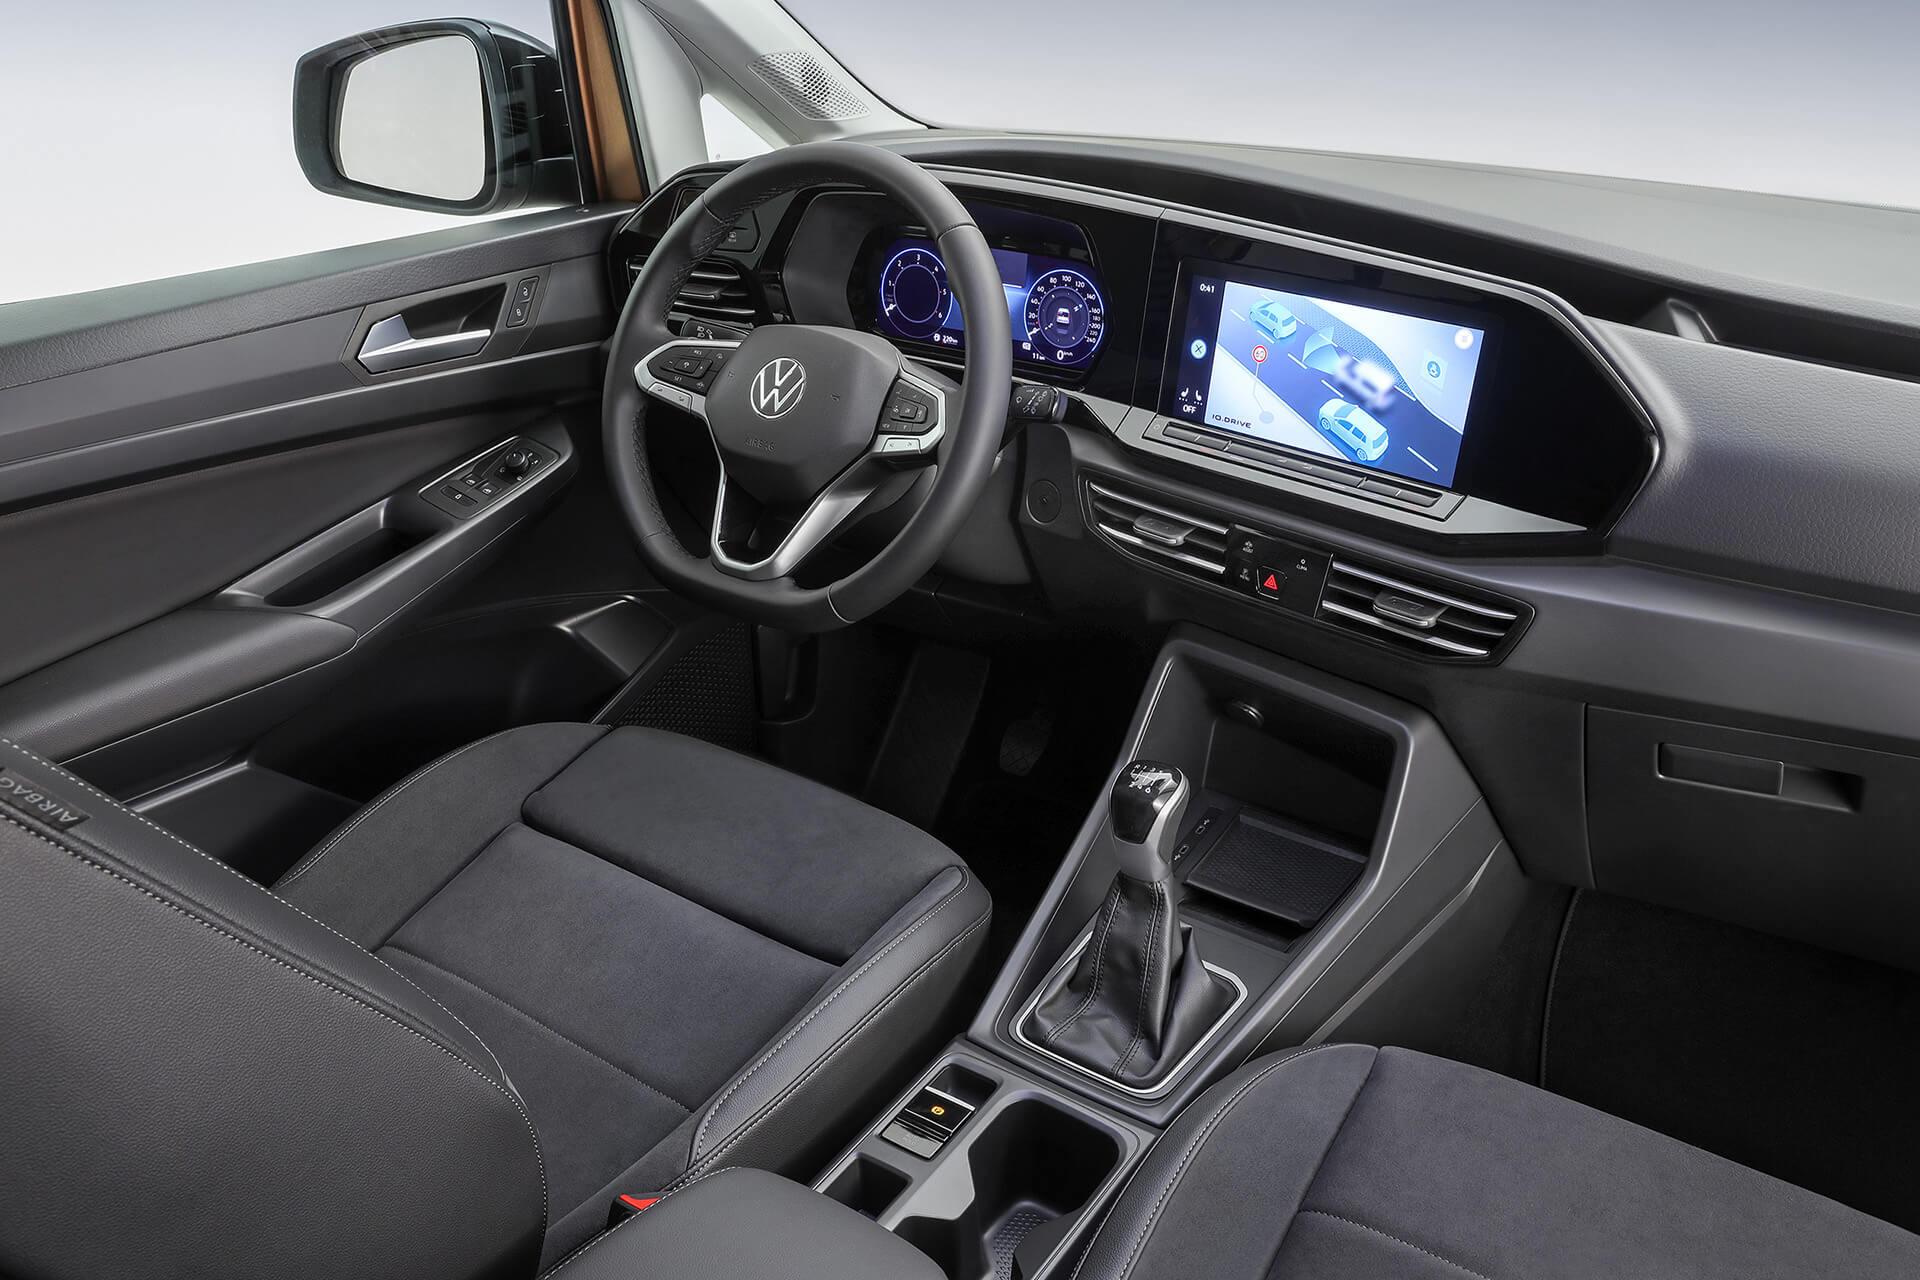 Νέο Volkswagen Caddy - Ψηφιακός high tech πίνακας οργάνων